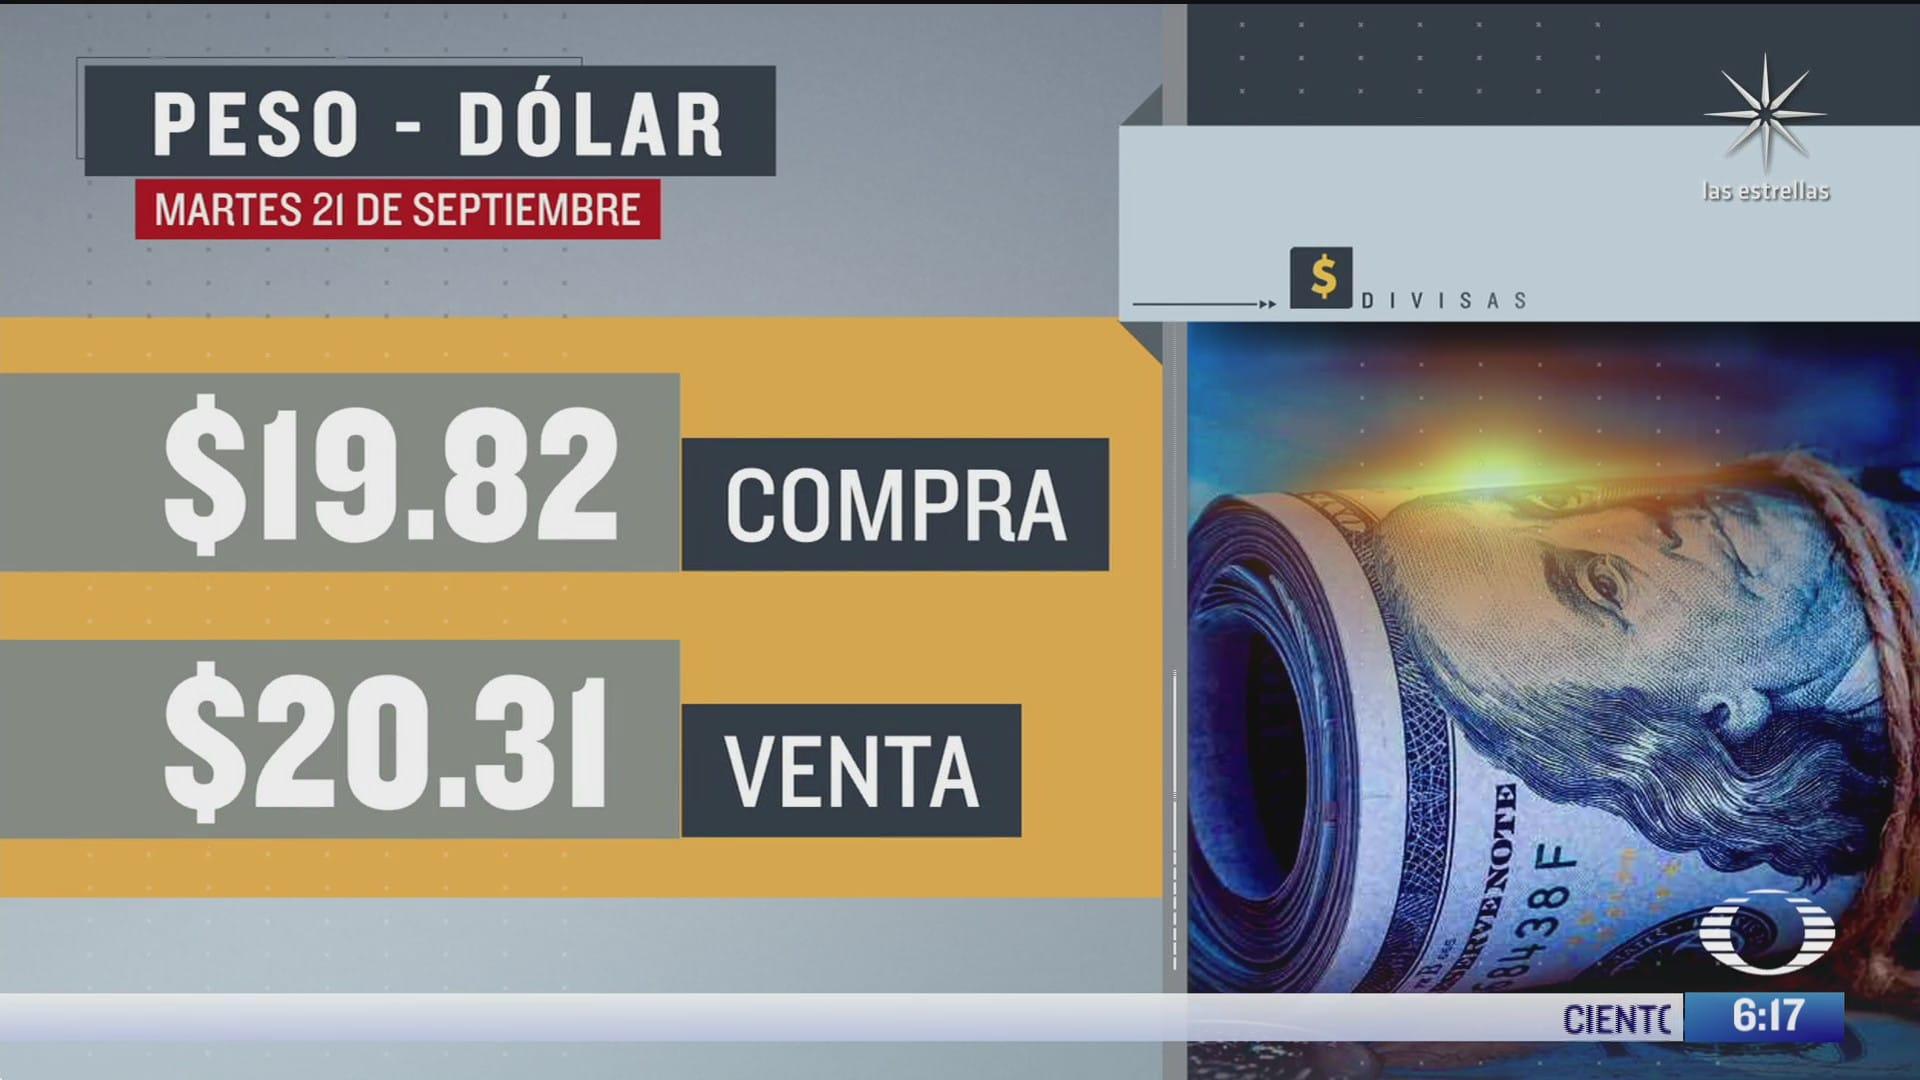 El dólar se vendió en $20.31 en la CDMX